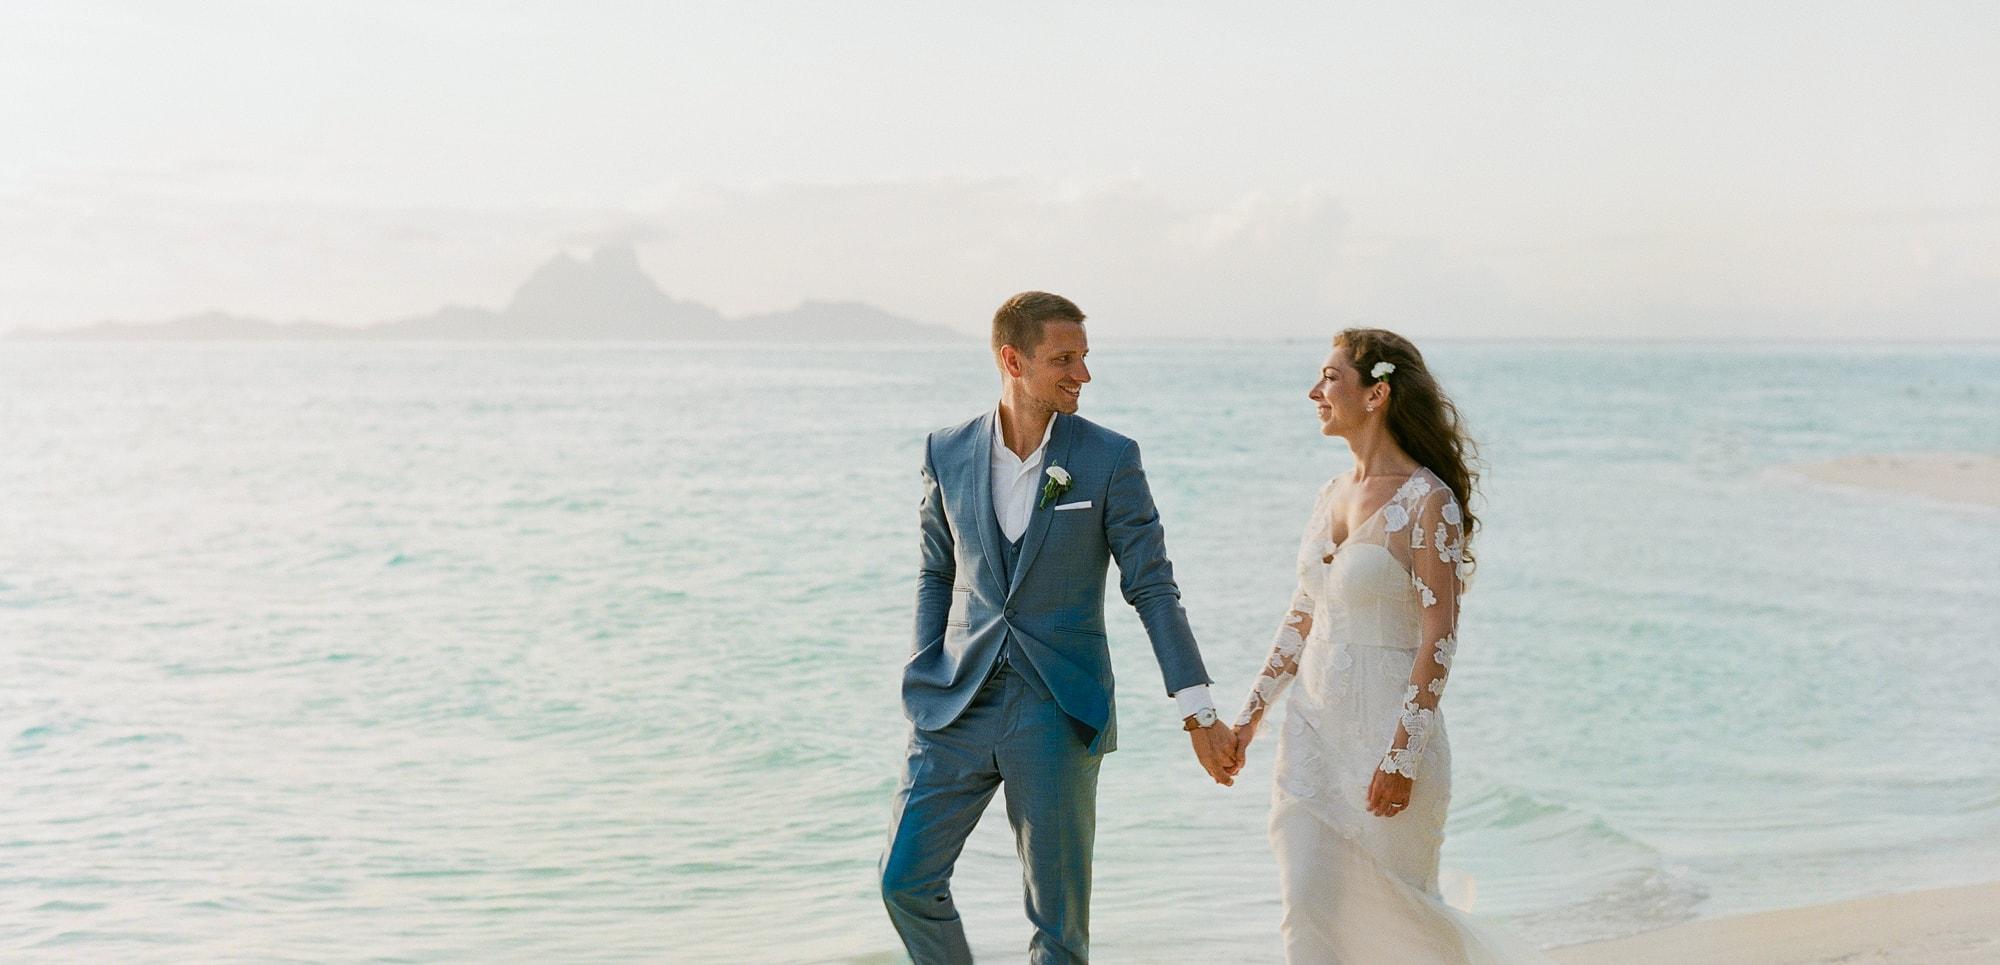 https://tahititourisme.uk/wp-content/uploads/2021/04/PCP-Bora-Bora-Photography-Couple-Wedding-sunset.jpg